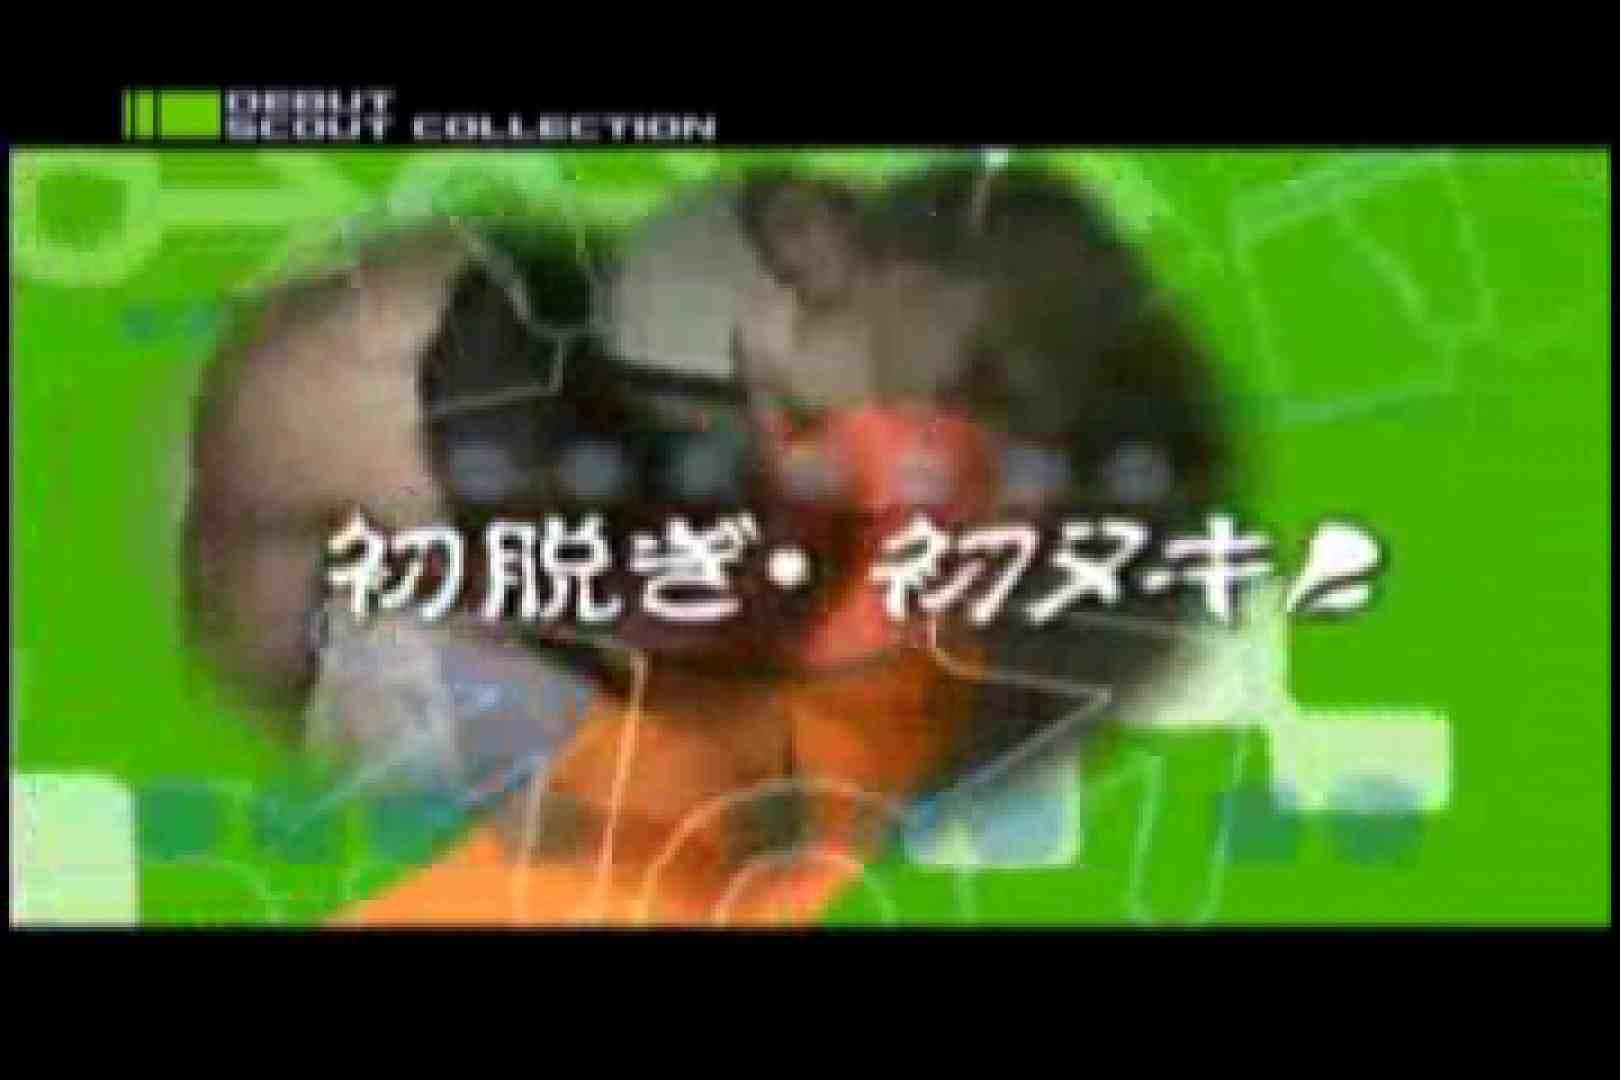 現役体育会系ノンケのオナ見せ稼業+α!! ゴーグルマン ゲイモロ見え画像 8枚 8